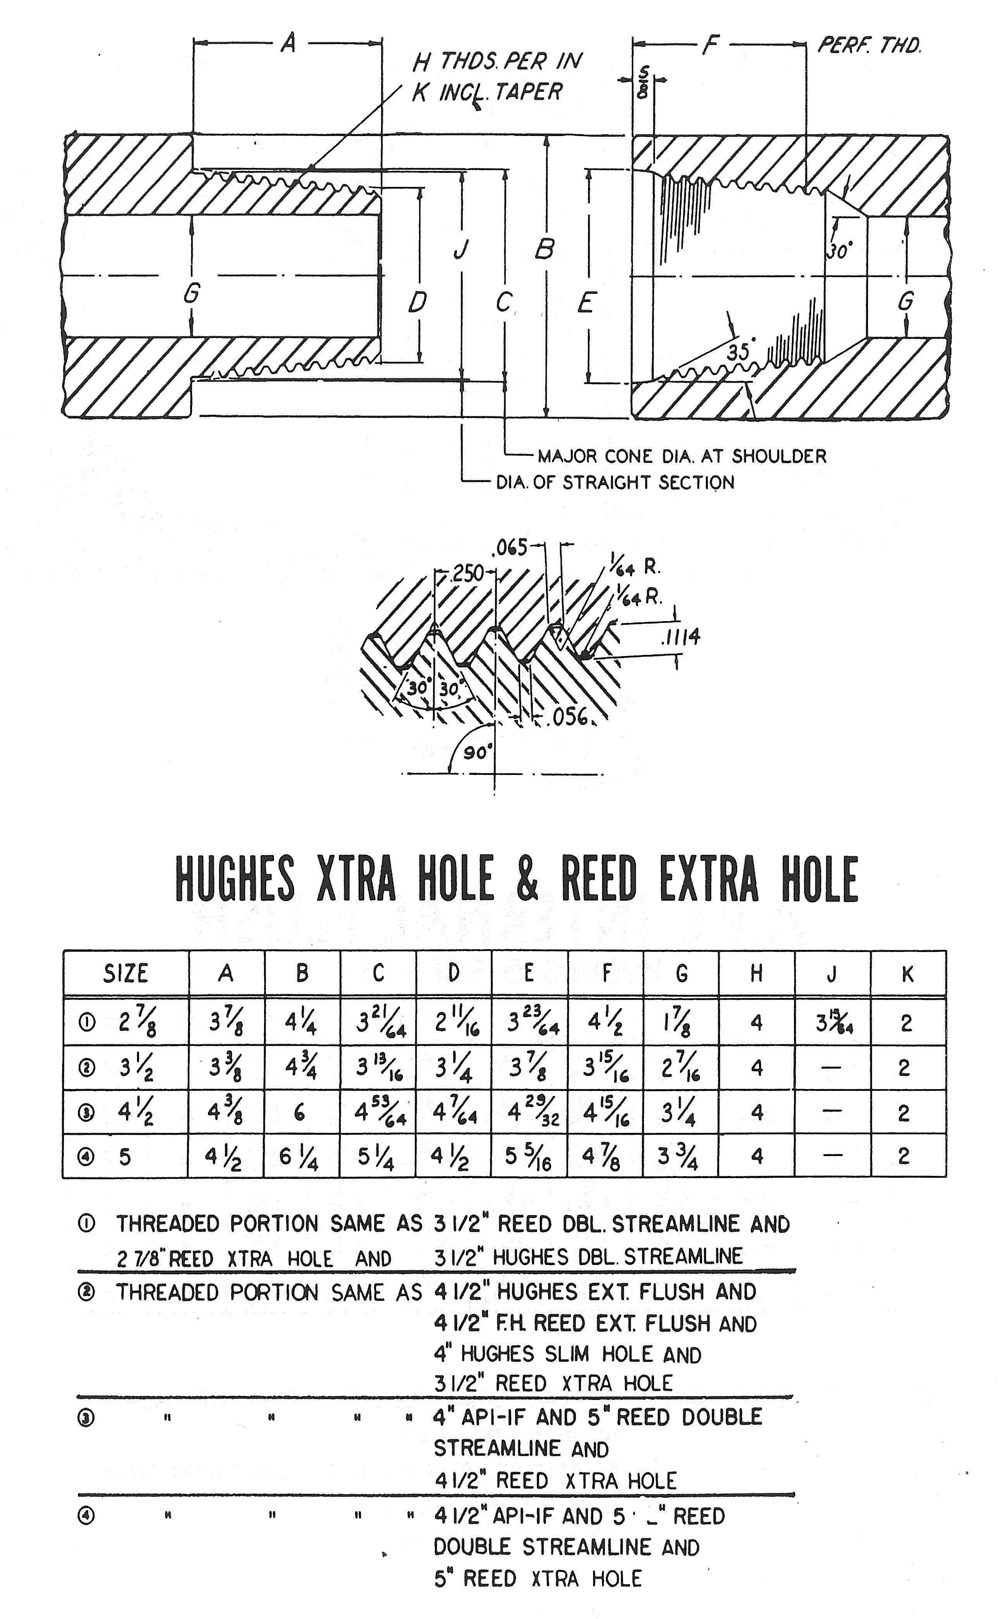 Hughes Xtra Hole/Reed Extra Hole